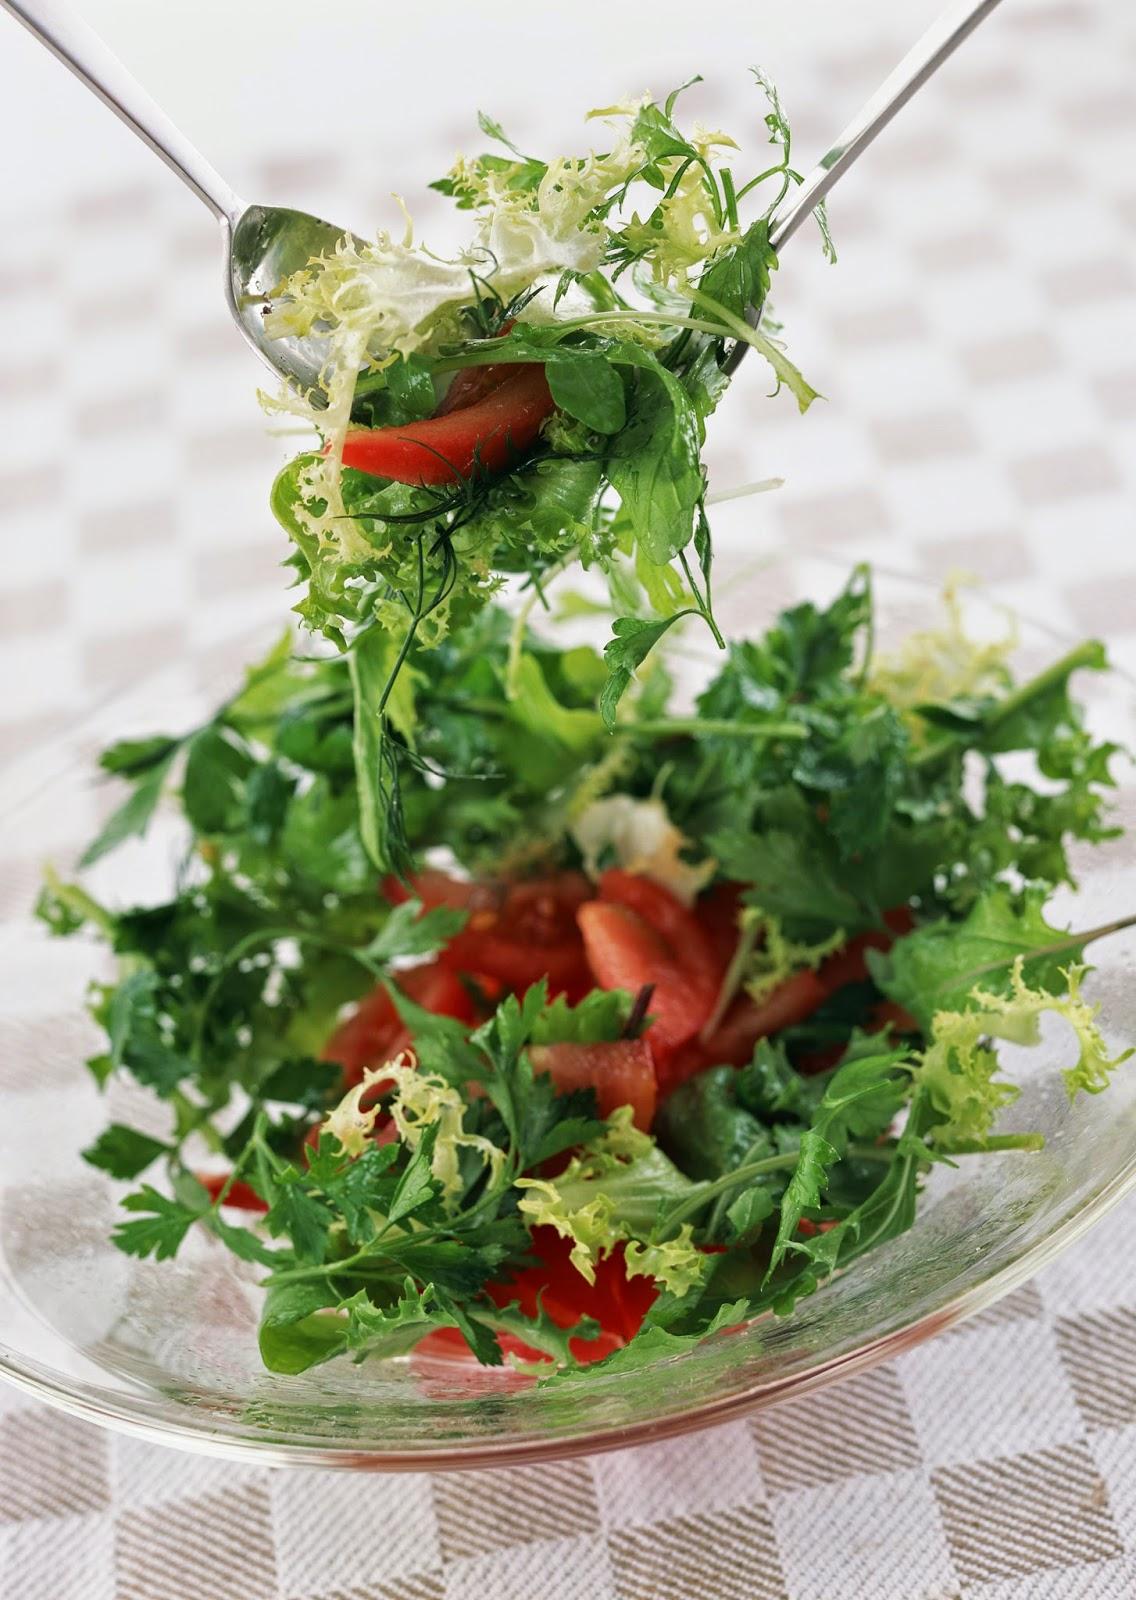 eroticheskie-salati-dlya-muzhchin